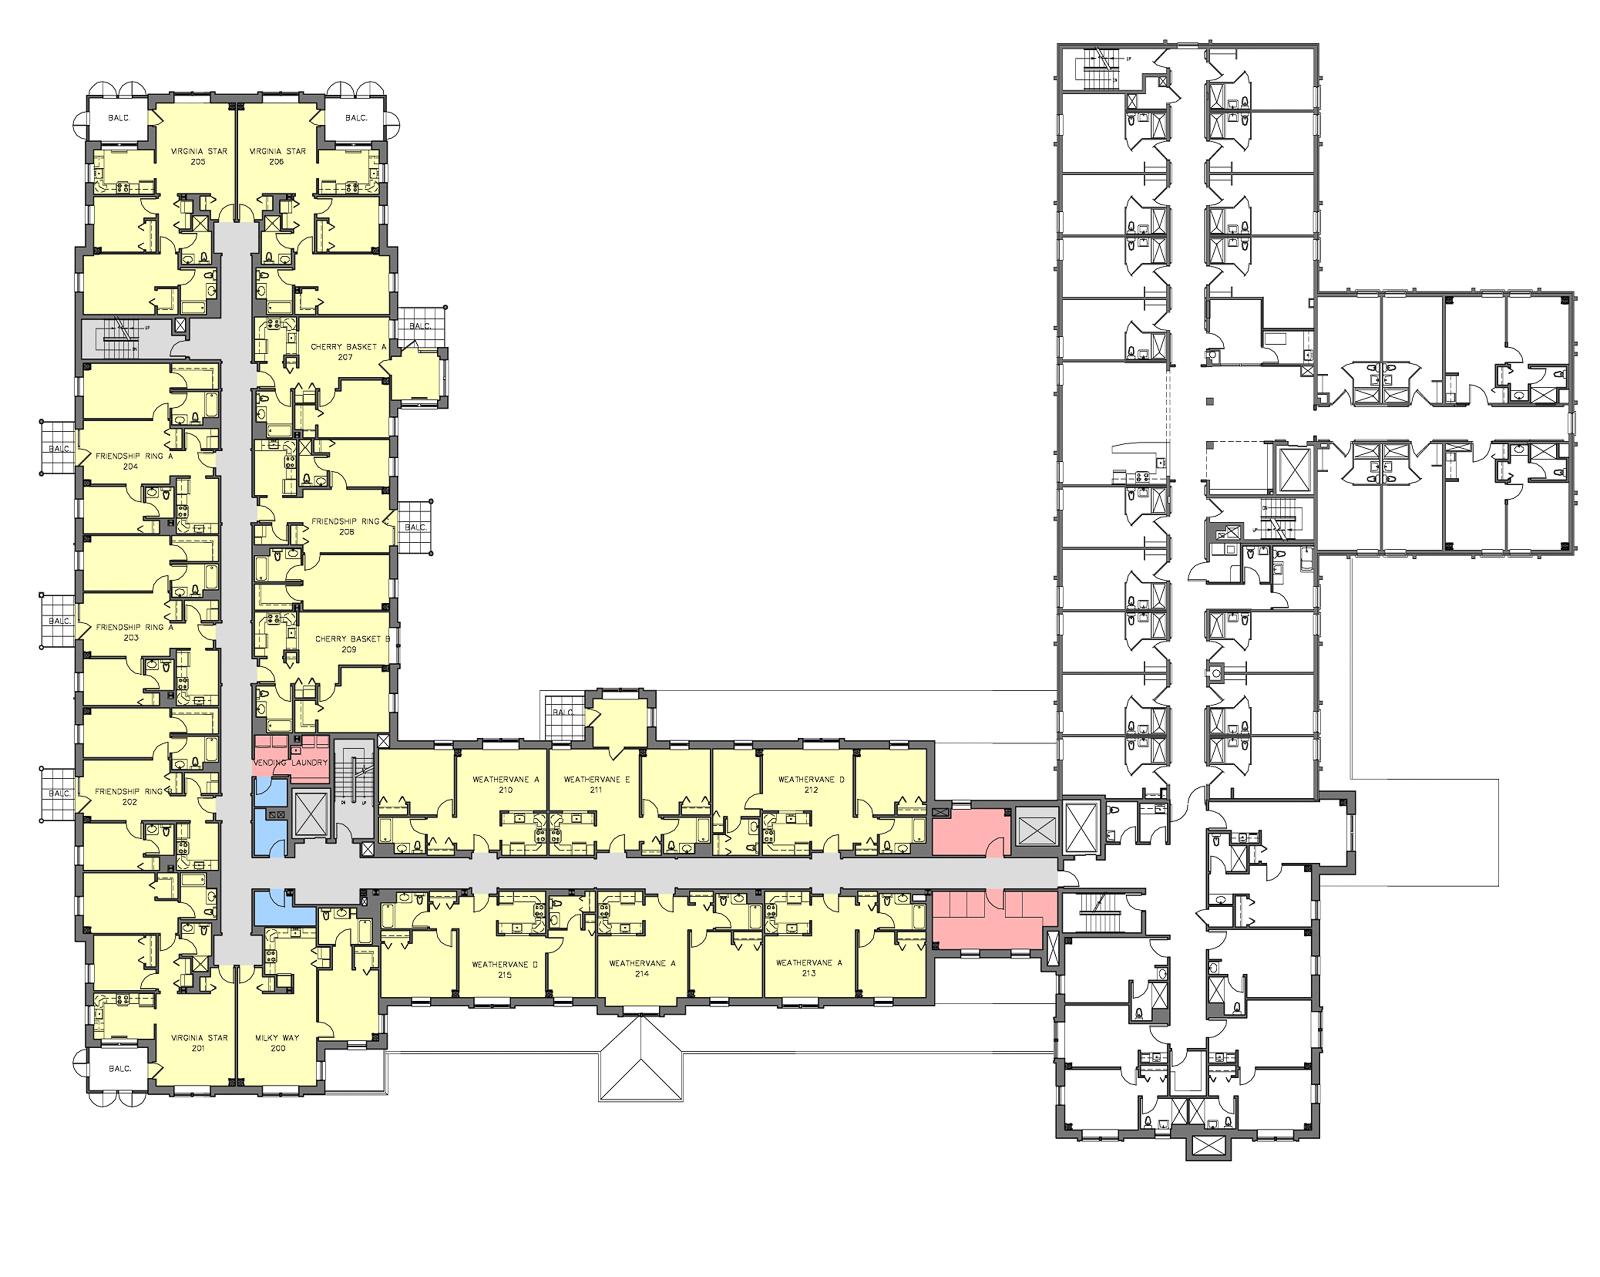 00040 Shenango Second Floor Rendered